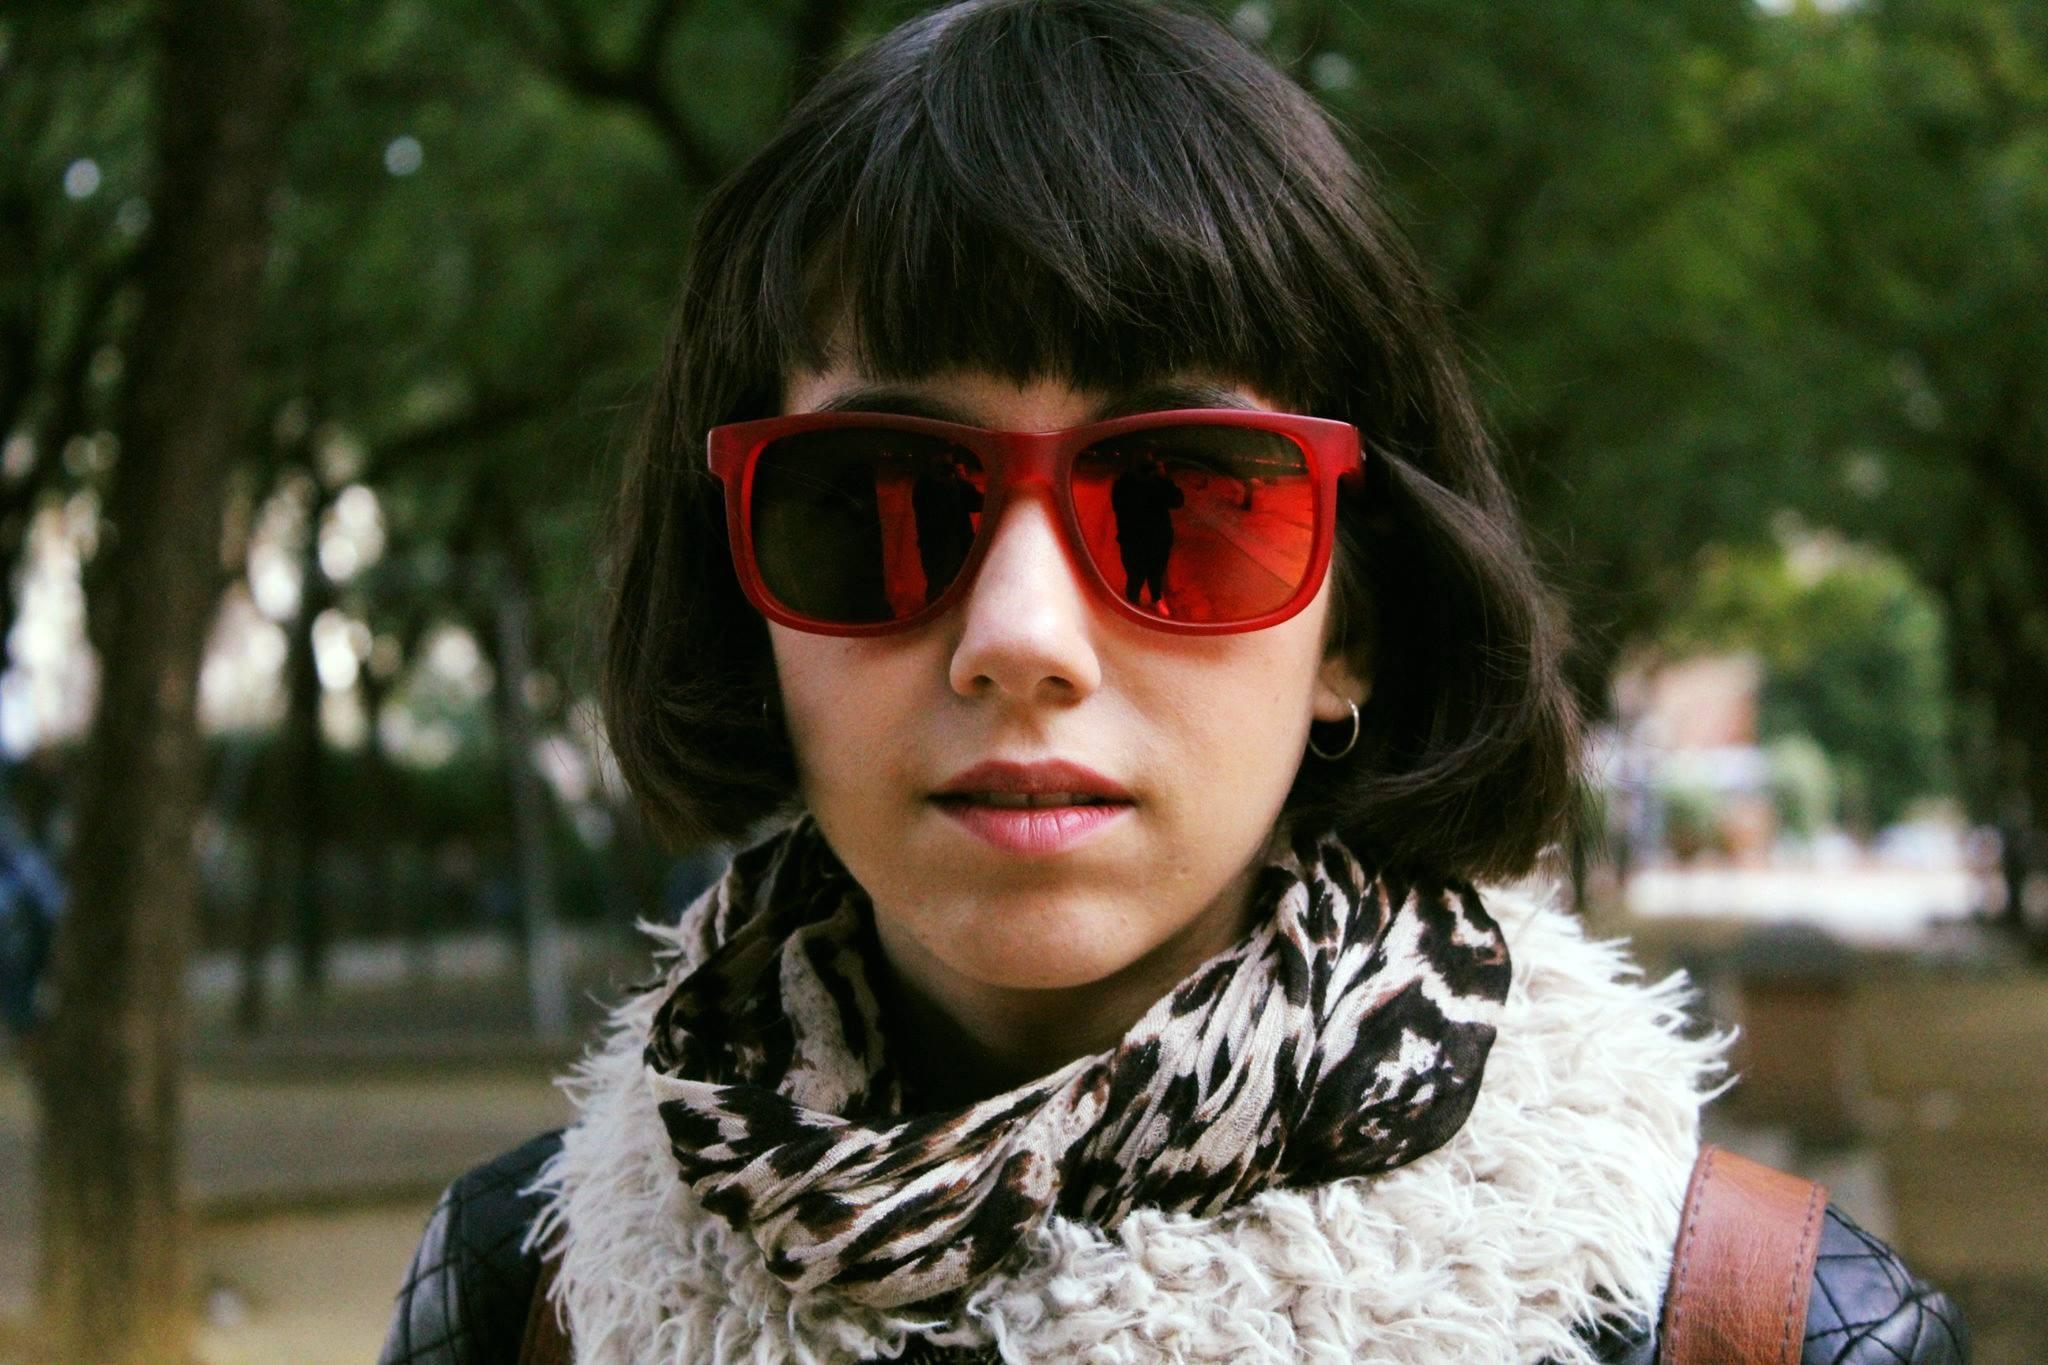 Go to María Pereira's profile